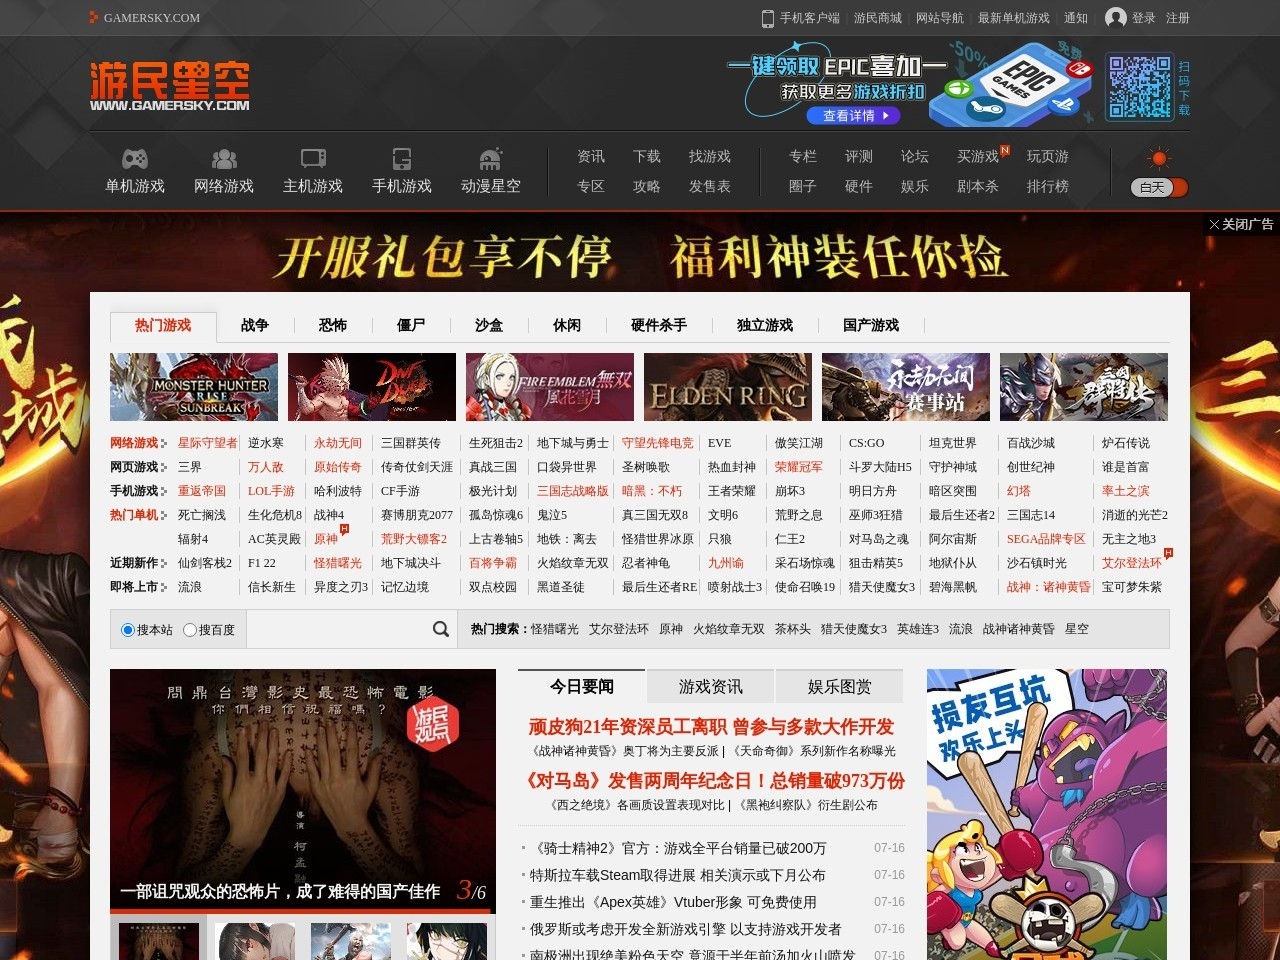 极品飞车12中文版下载 极品飞车12下载...